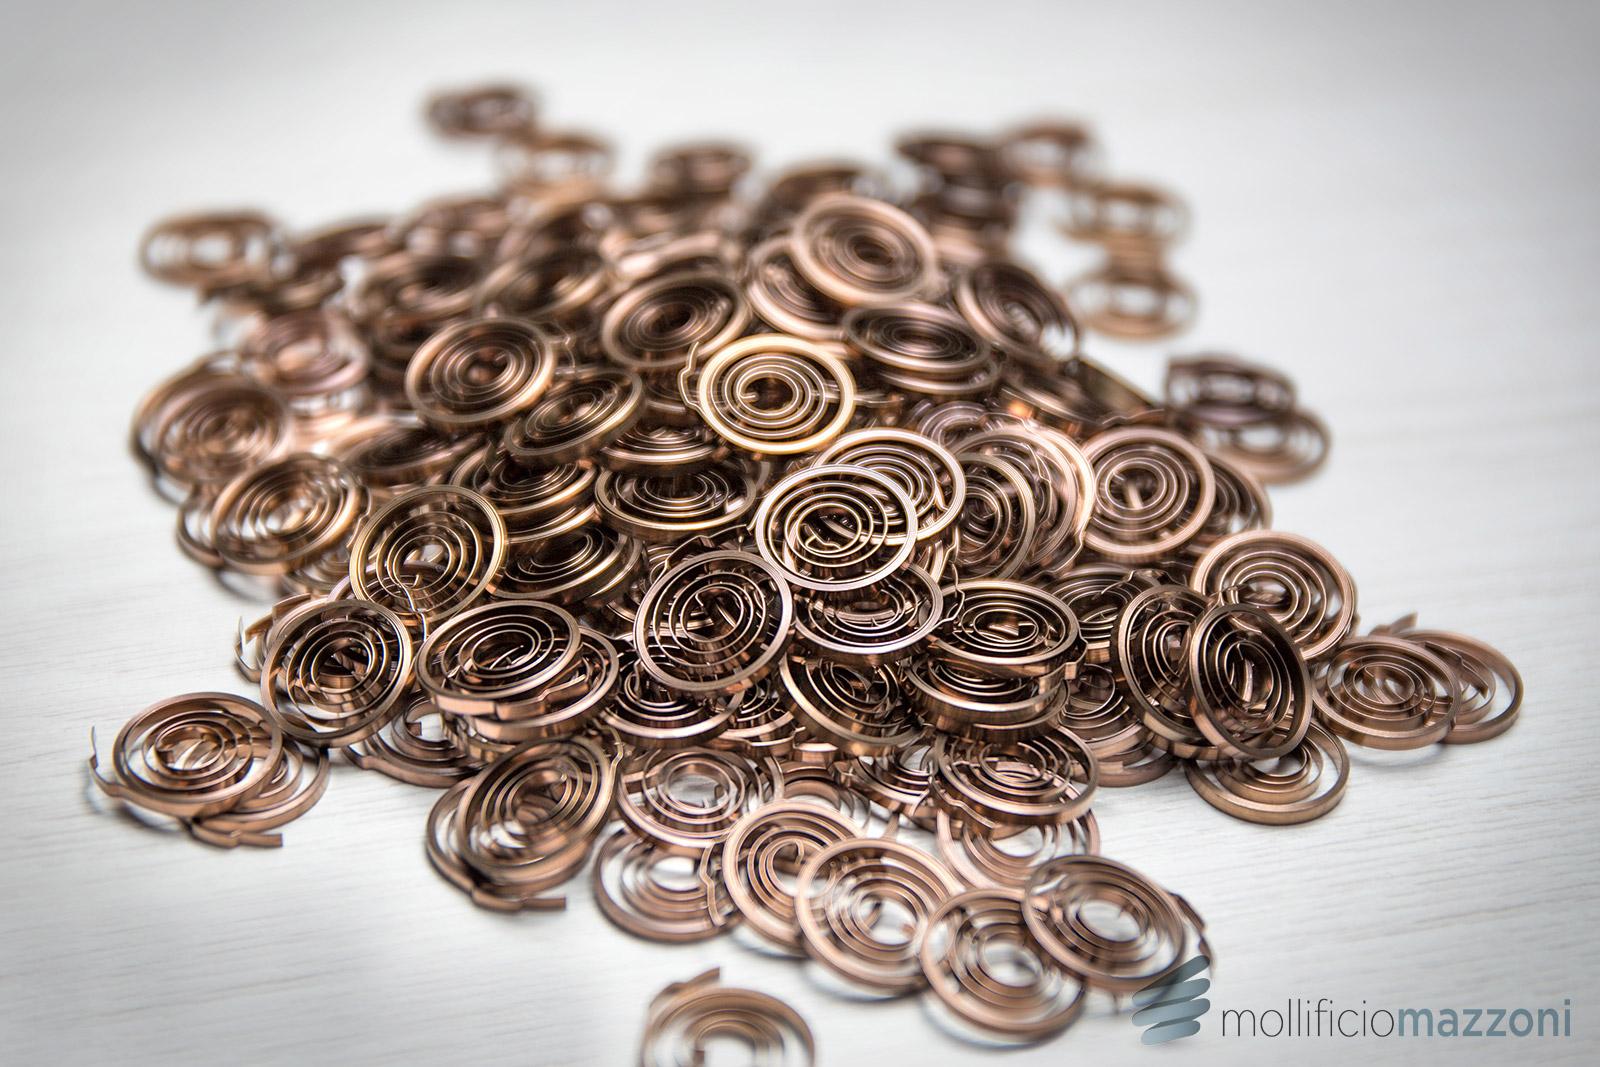 mollificio-mazzoni-molle-spirale-08